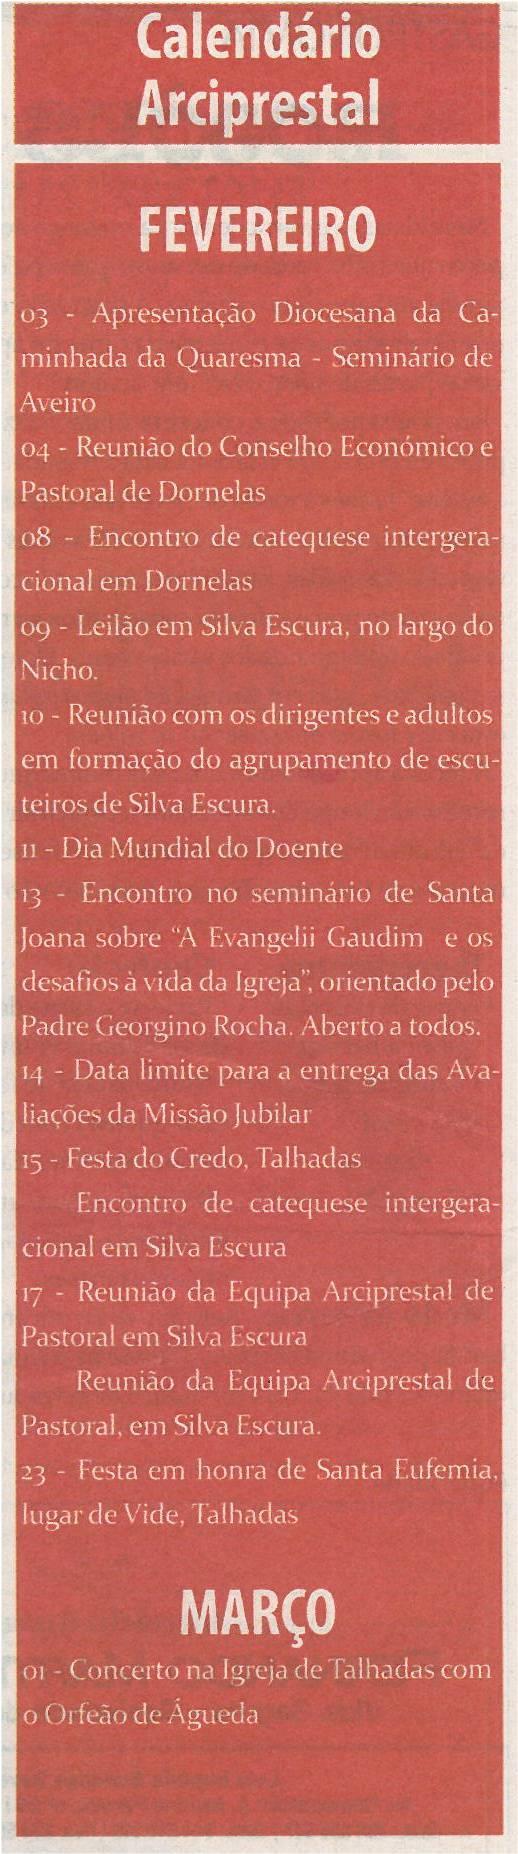 TV-fev14-p20-Calendário Arciprestal